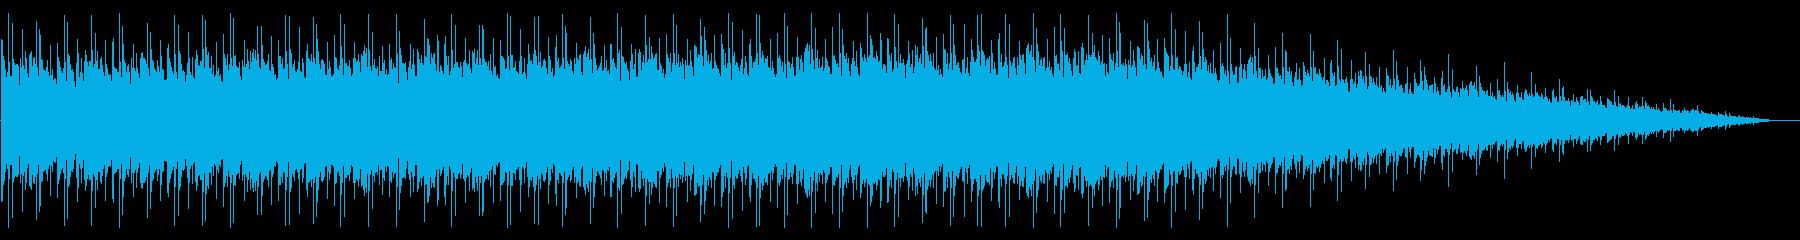 水中のように透き通ったエレクトロポップの再生済みの波形